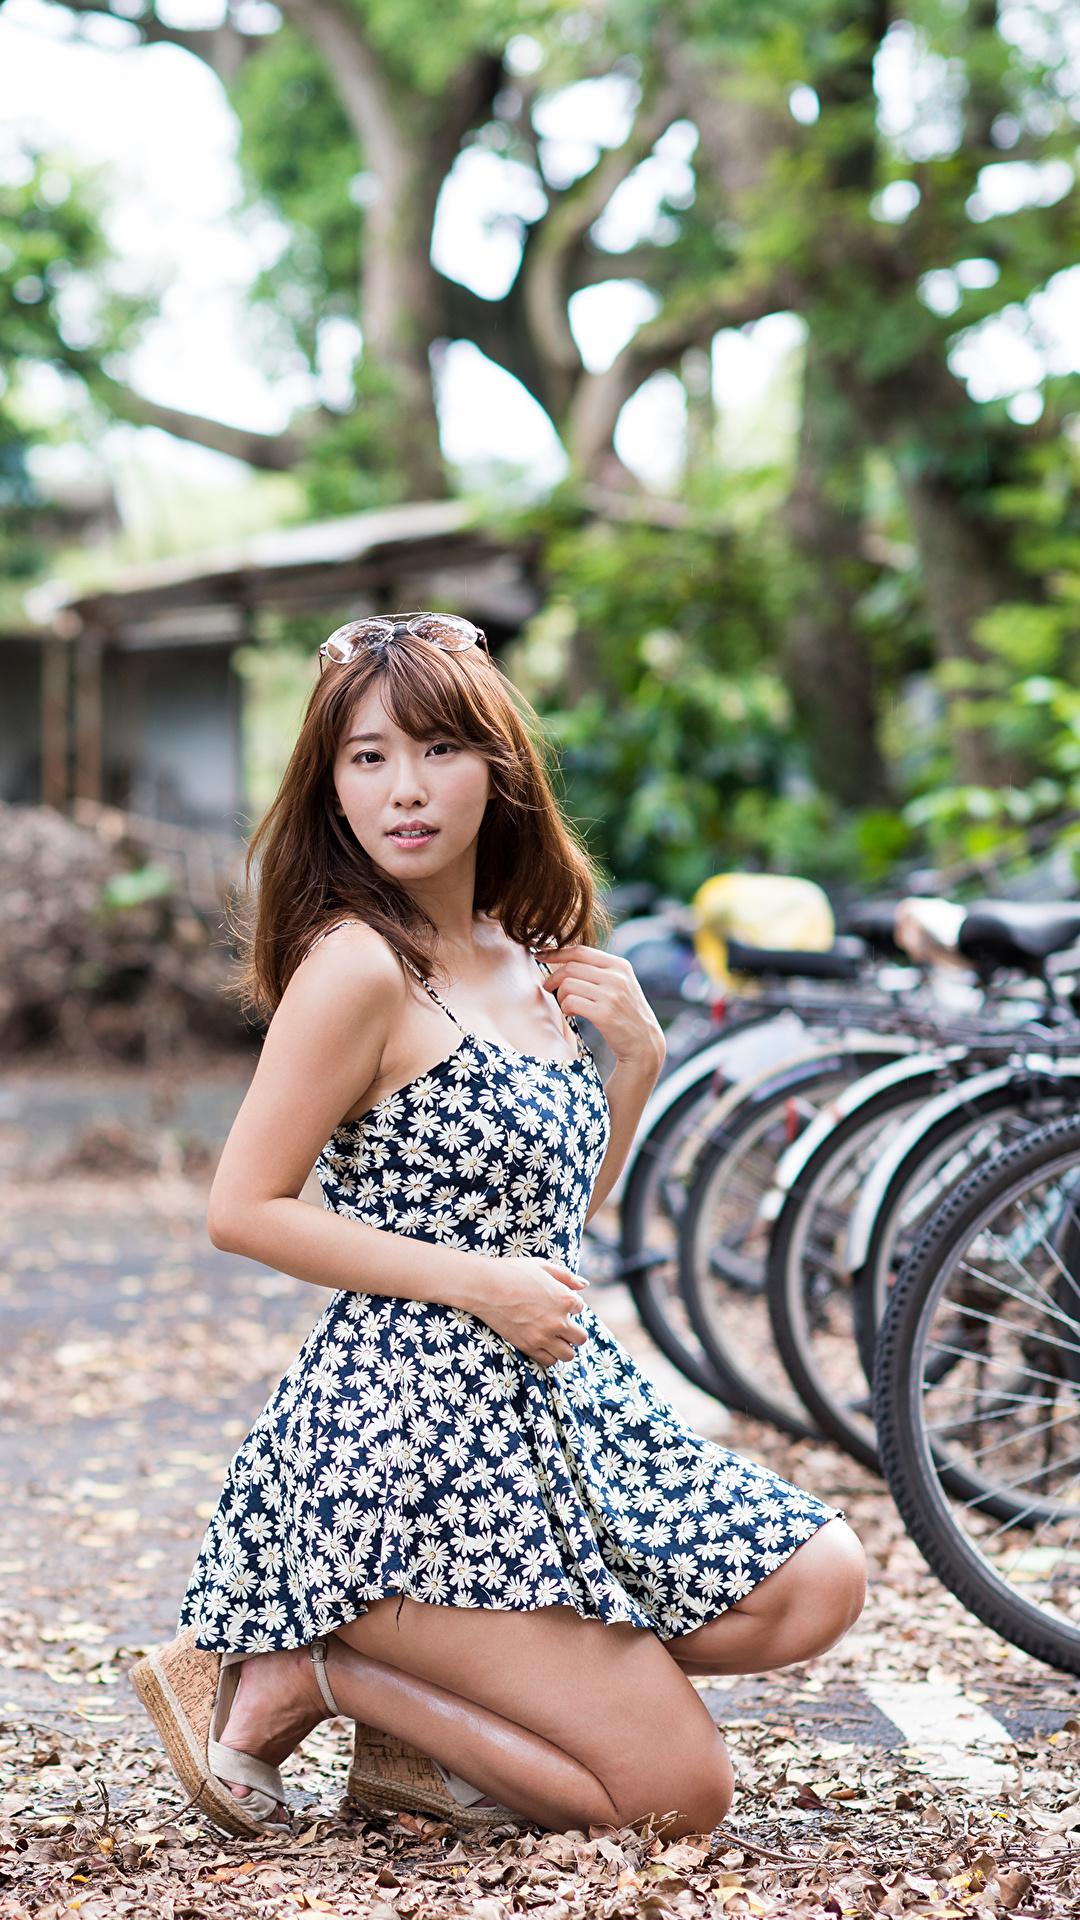 Foto Braune Haare Bokeh Fahrrad junge frau asiatisches Kleid 1080x1920 für Handy Braunhaarige unscharfer Hintergrund fahrräder Mädchens junge Frauen Asiaten Asiatische